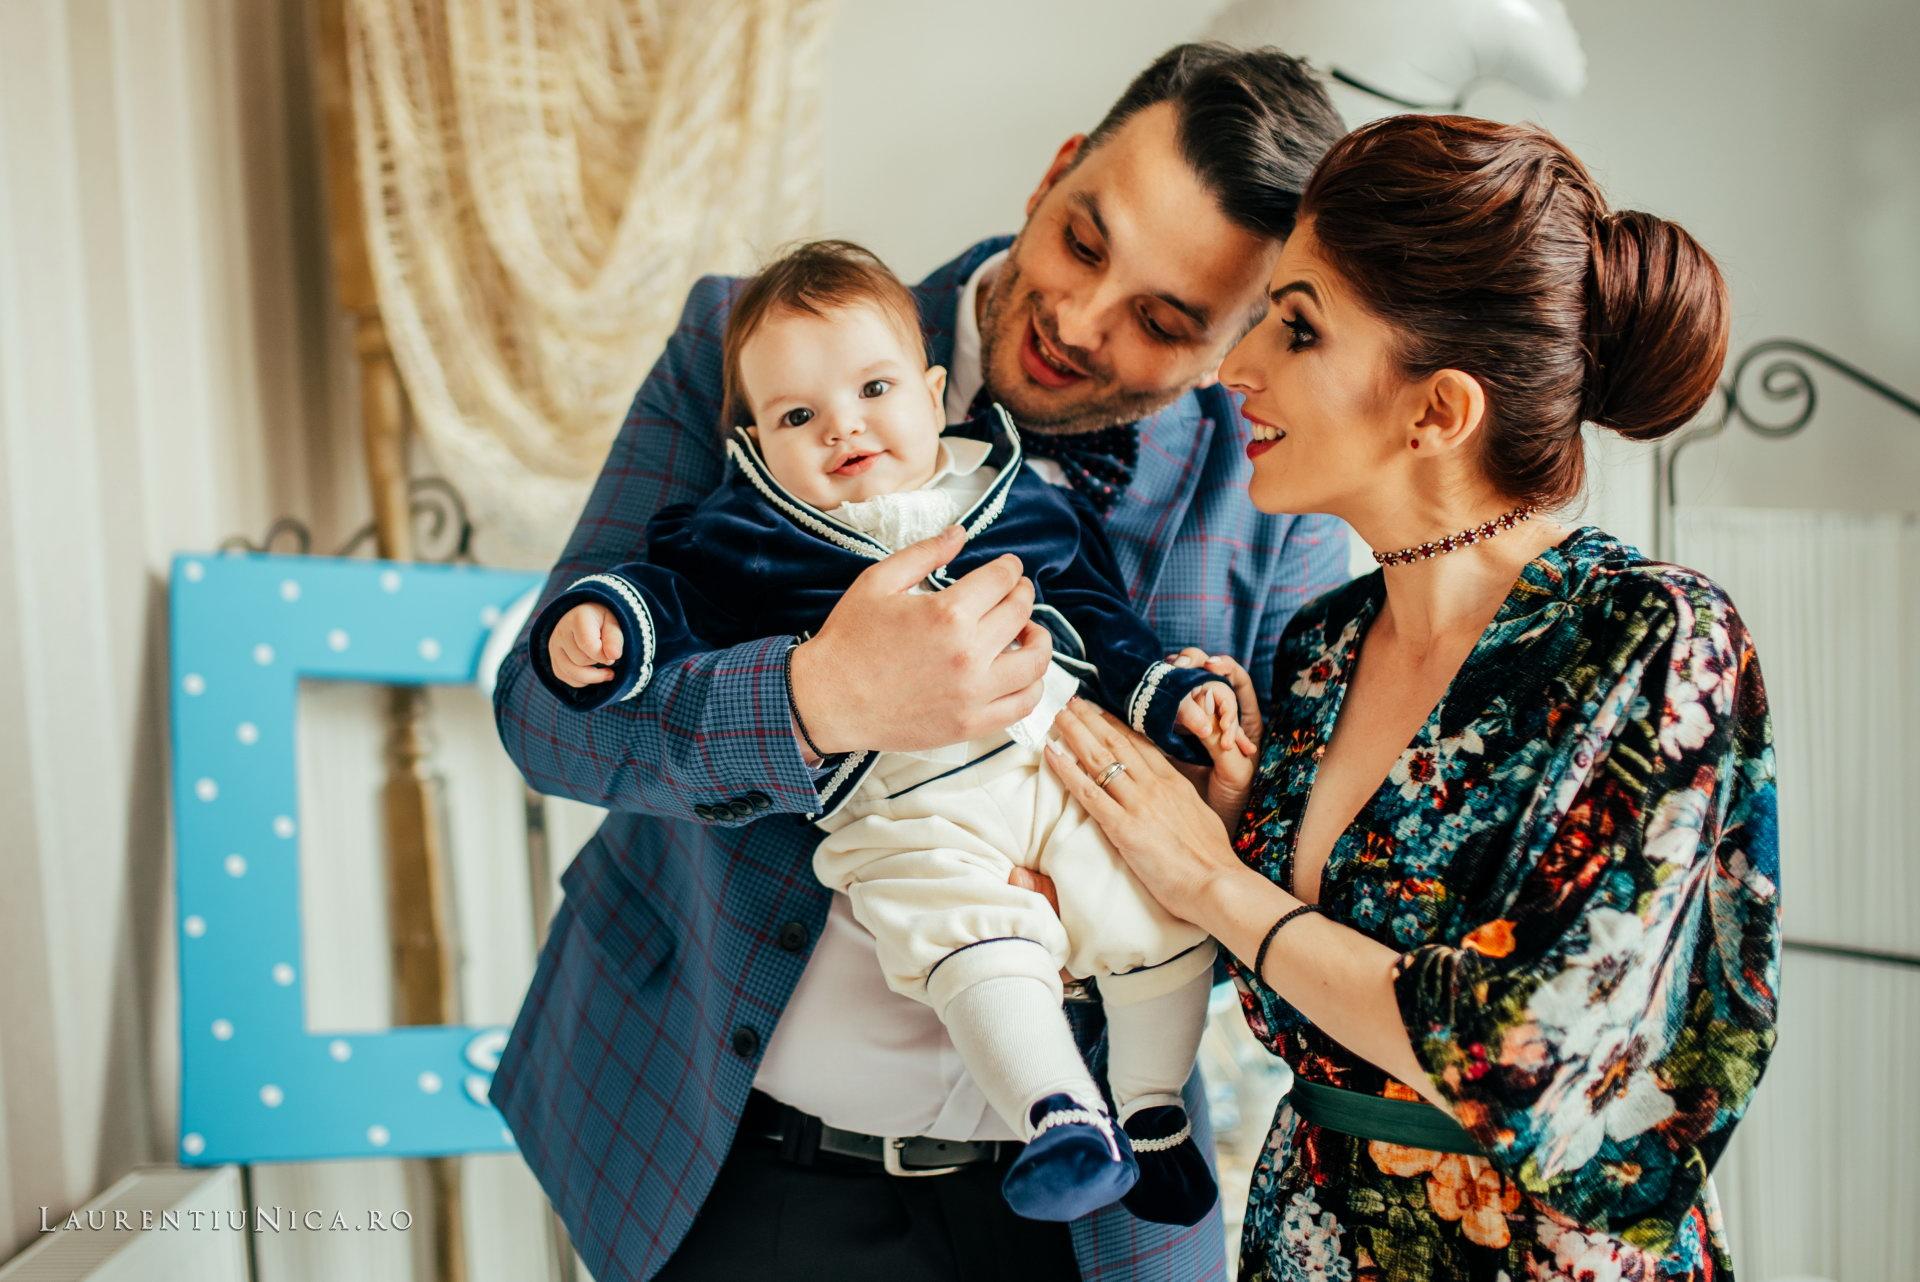 fotografii botez alexis aurelian foto laurentiu nica craiova 24 - Alexis Aurelian | Fotografii botez | Craiova